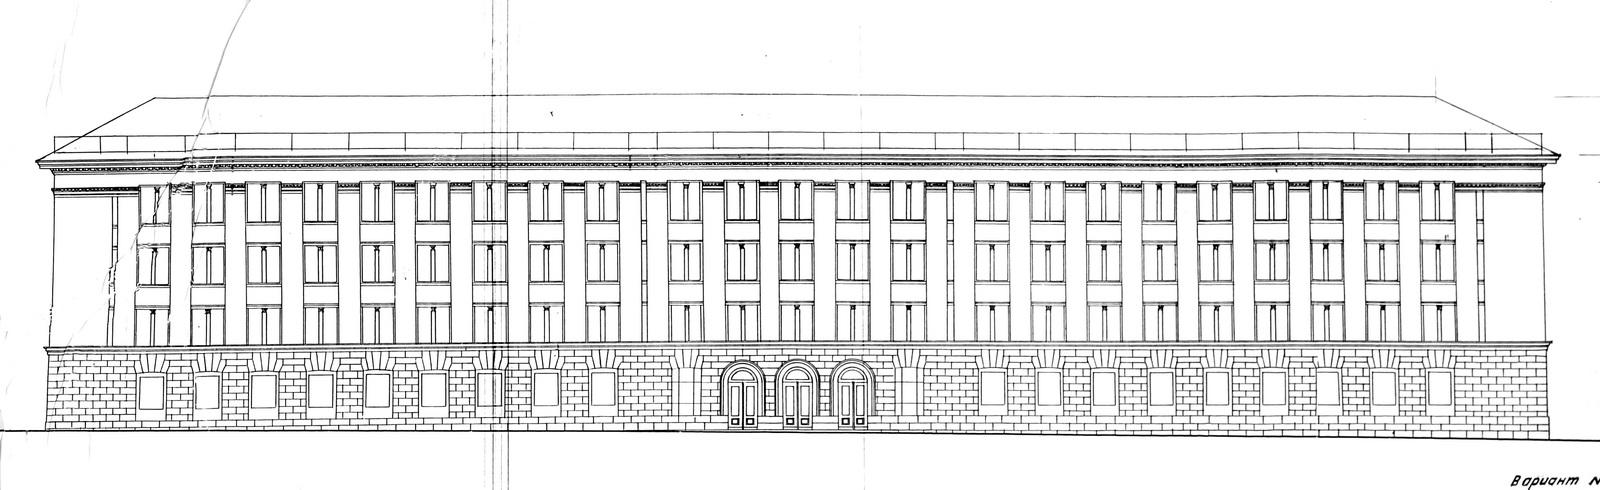 Праект будынка аблвыканкама 1956 года. Крыніца: БДАНТД.